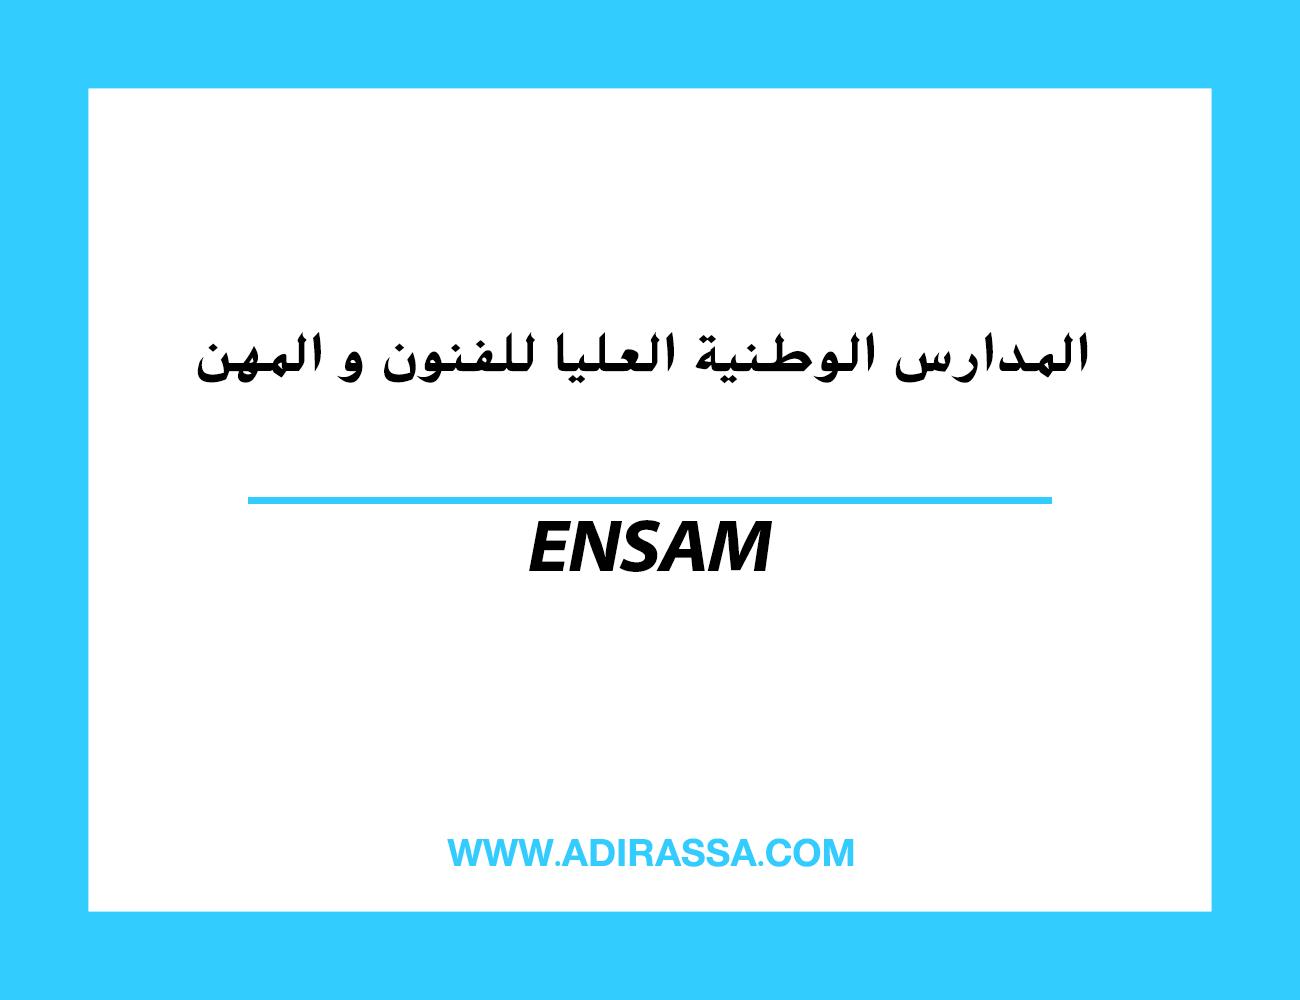 المدارس الوطنية العليا للفنون و المهن مدارس عمومية بمكناس و الدار البيضاء